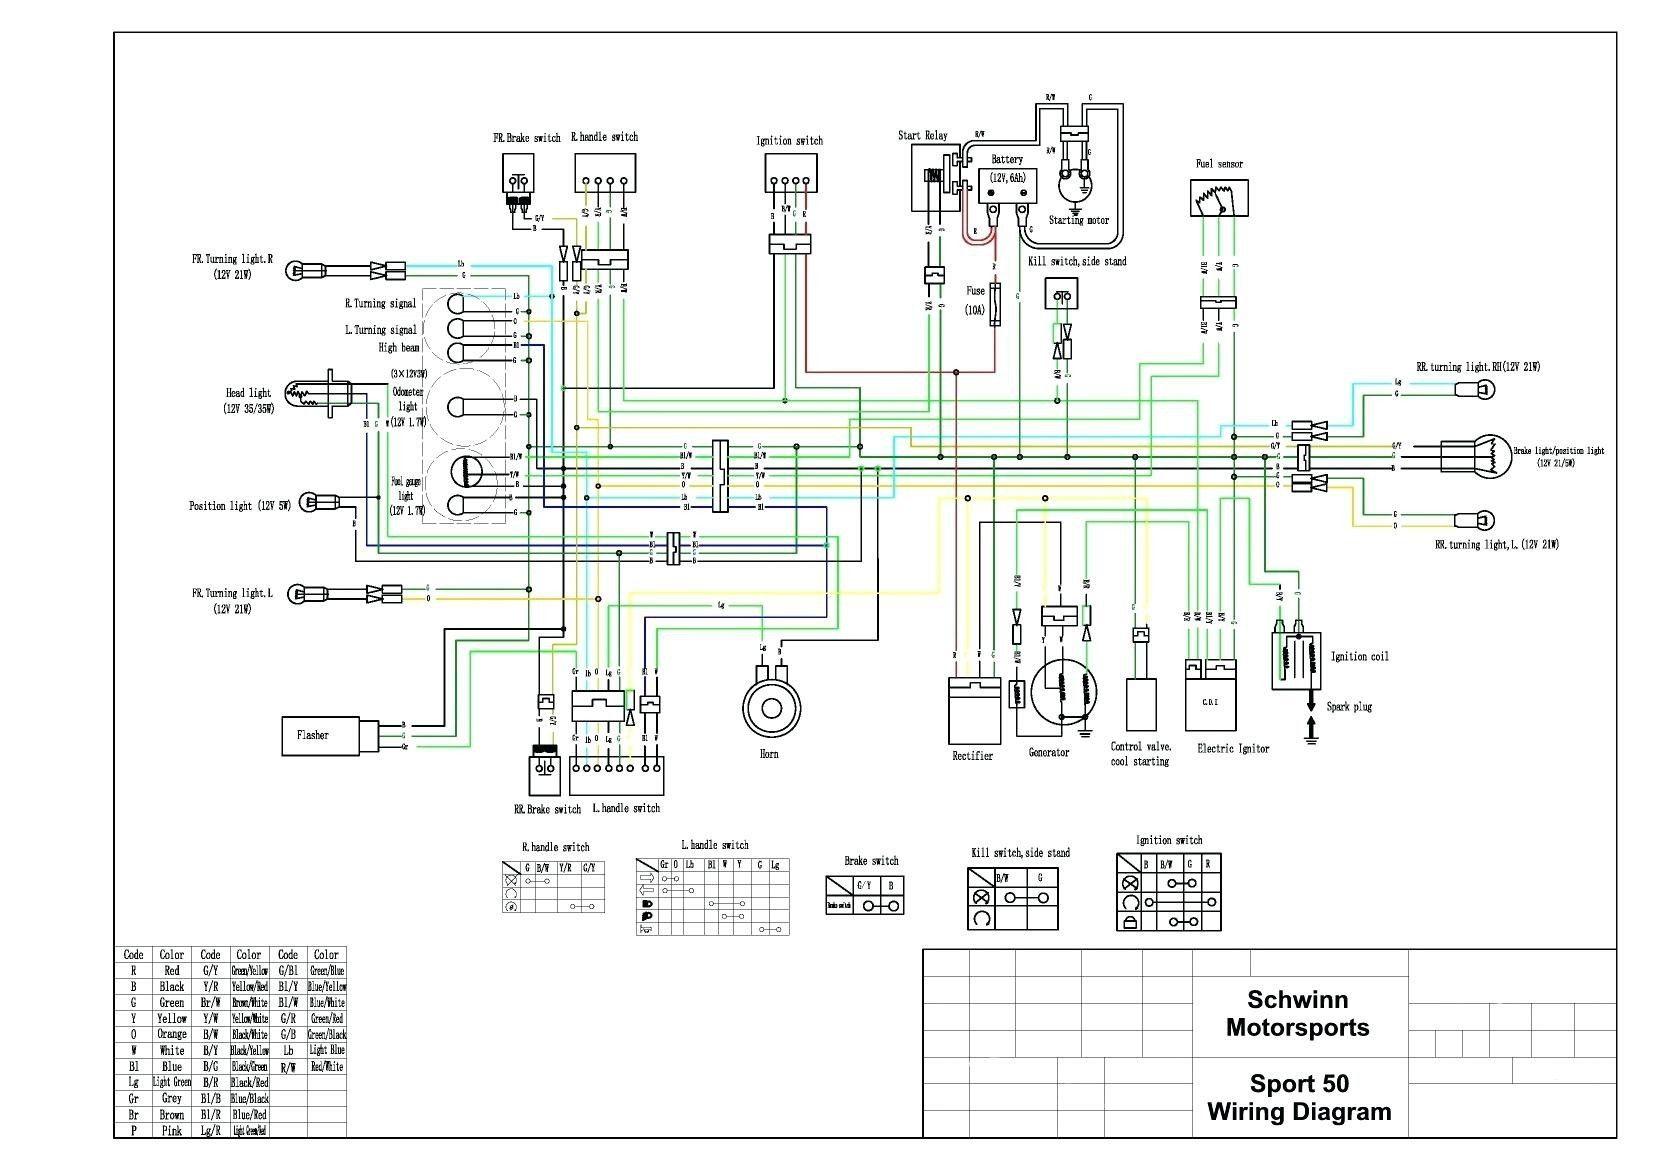 50cc Wiring Diagram - seniorsclub.it series-sulky -  series-sulky.pietrodavico.itPietro da Vico